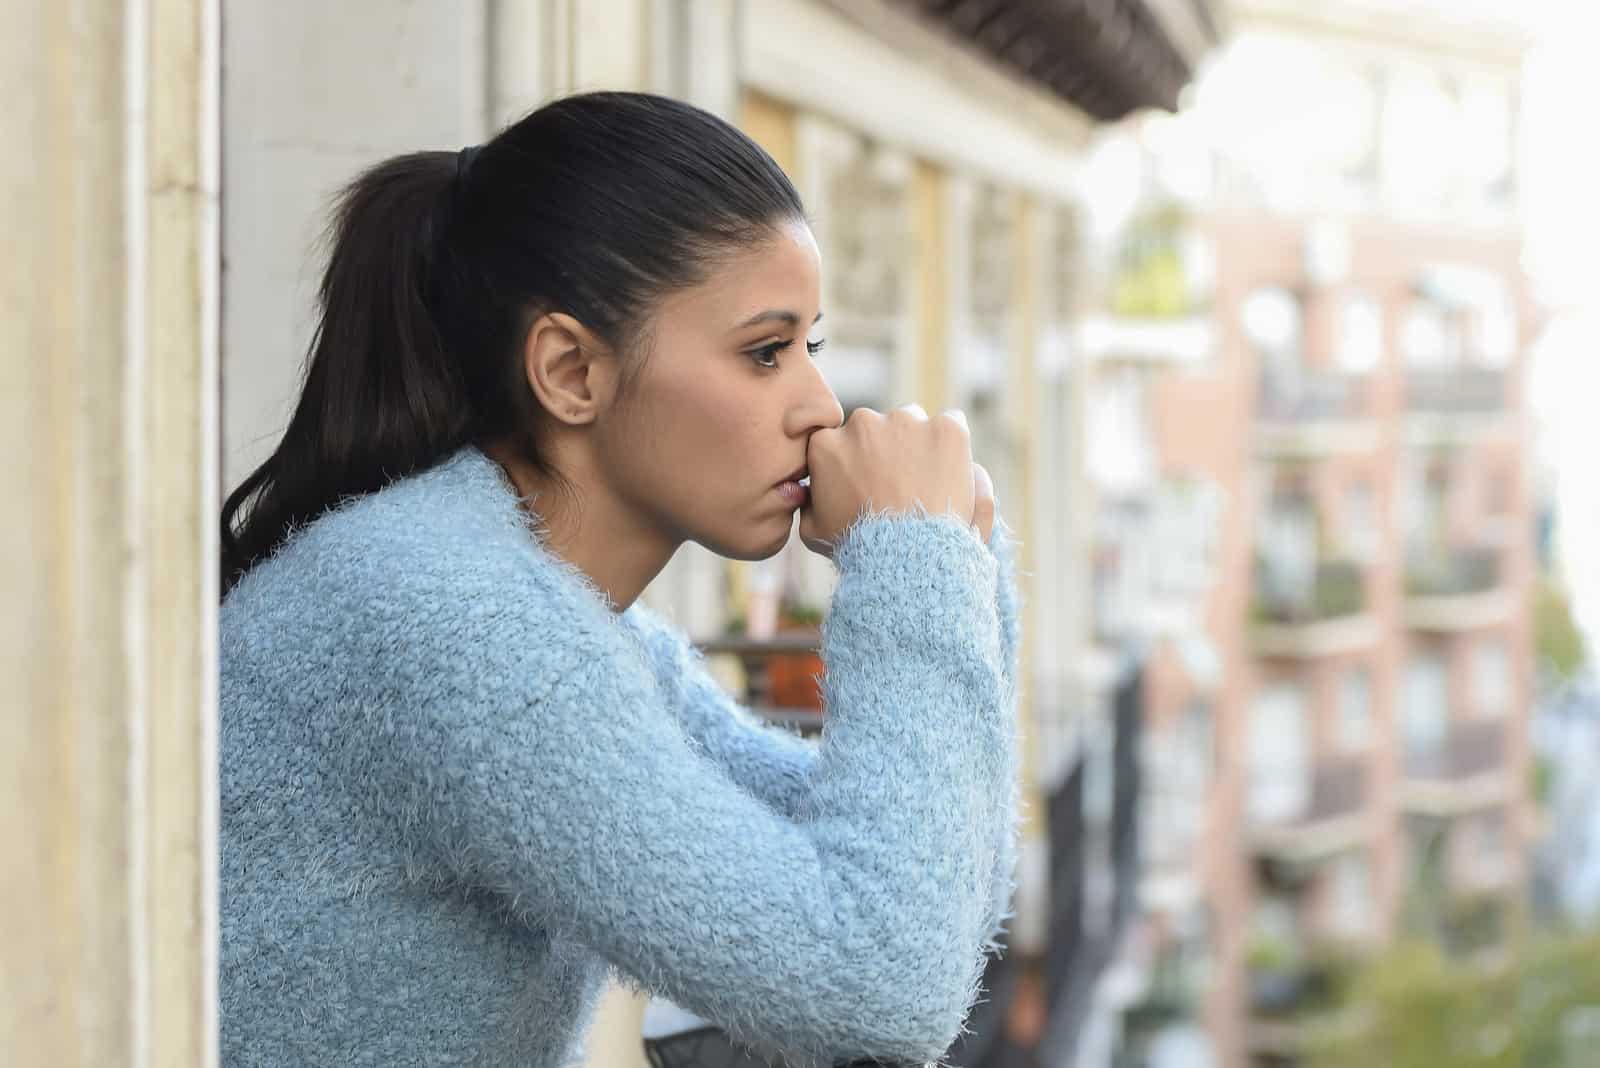 ung vacker sorglig och desperat spansktalande kvinna som lider av depression